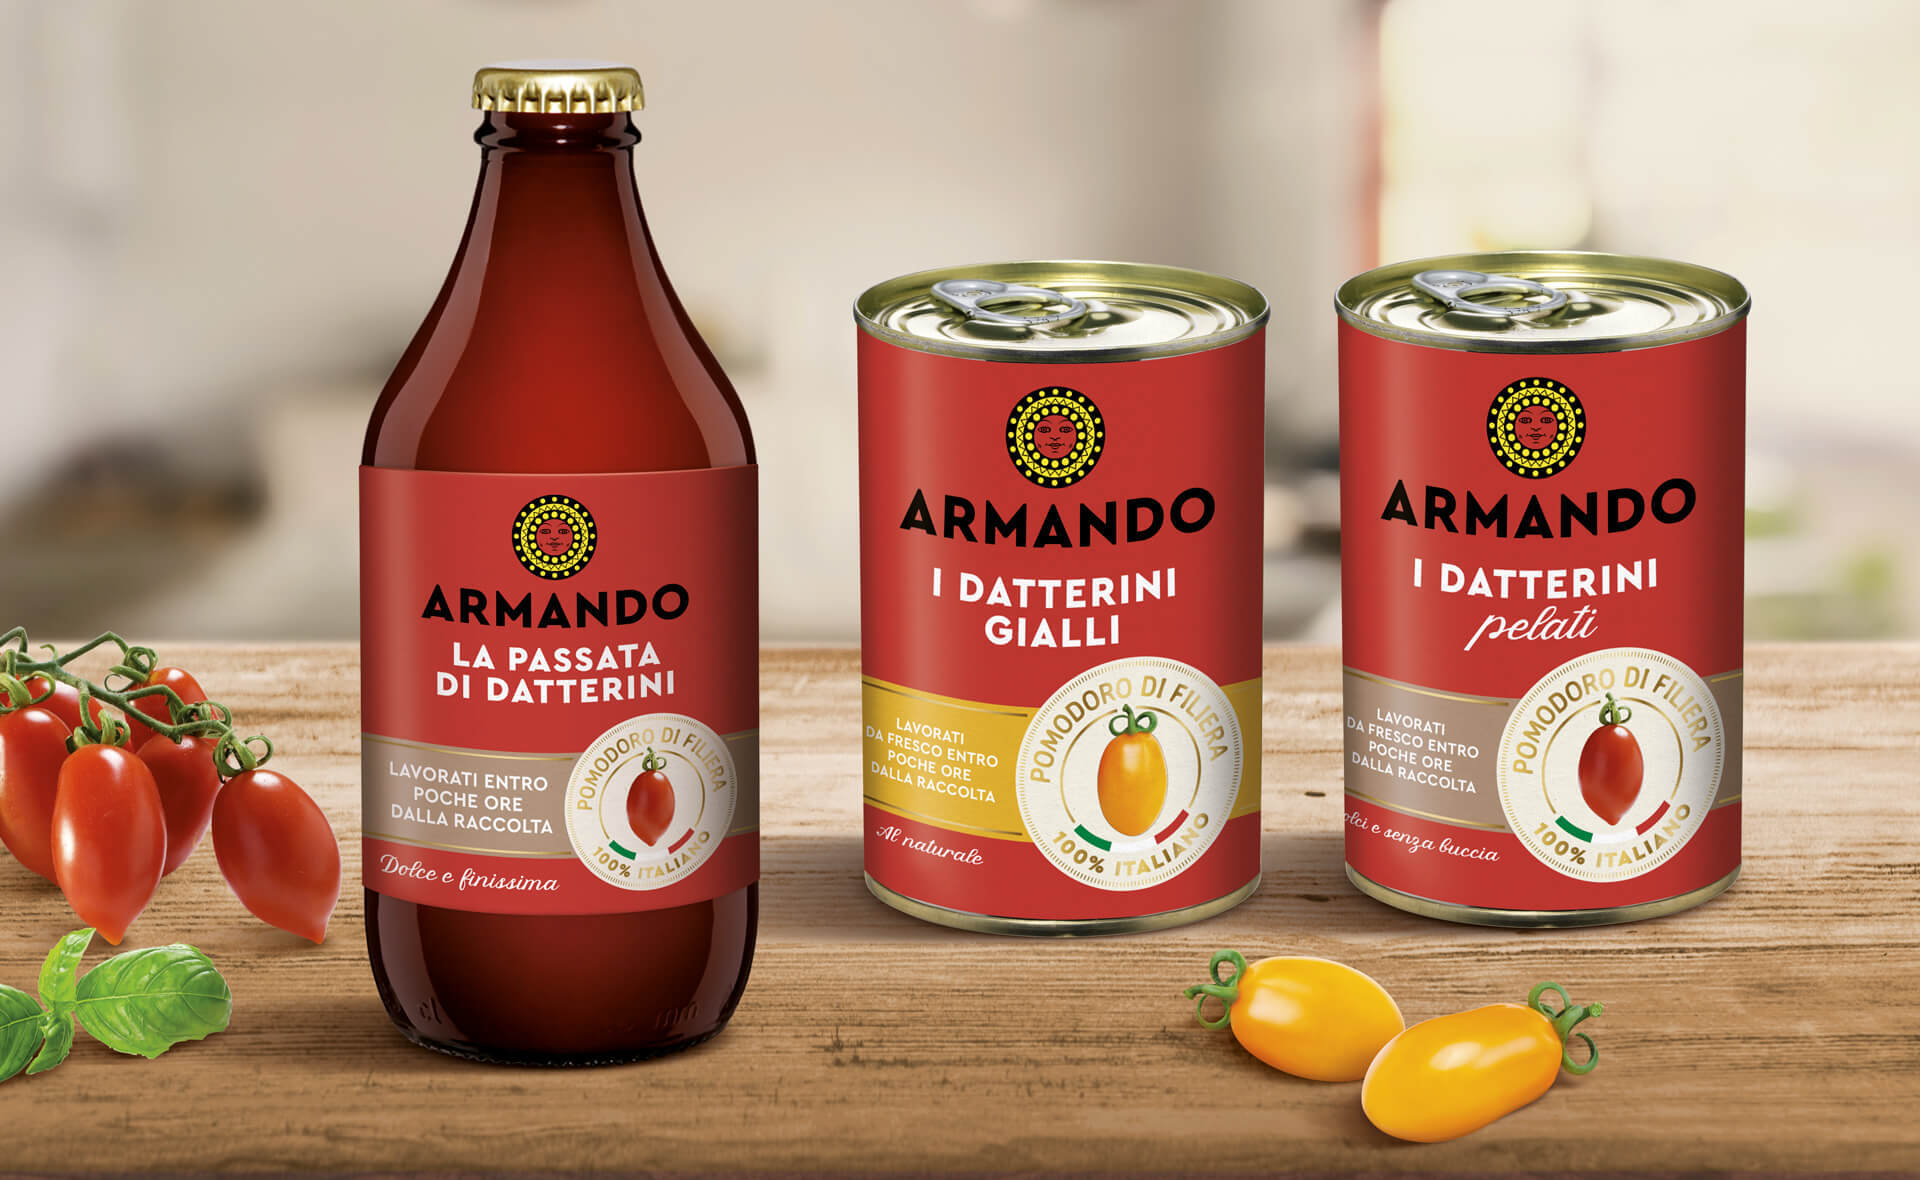 Armando Pomodori Datterini still life1